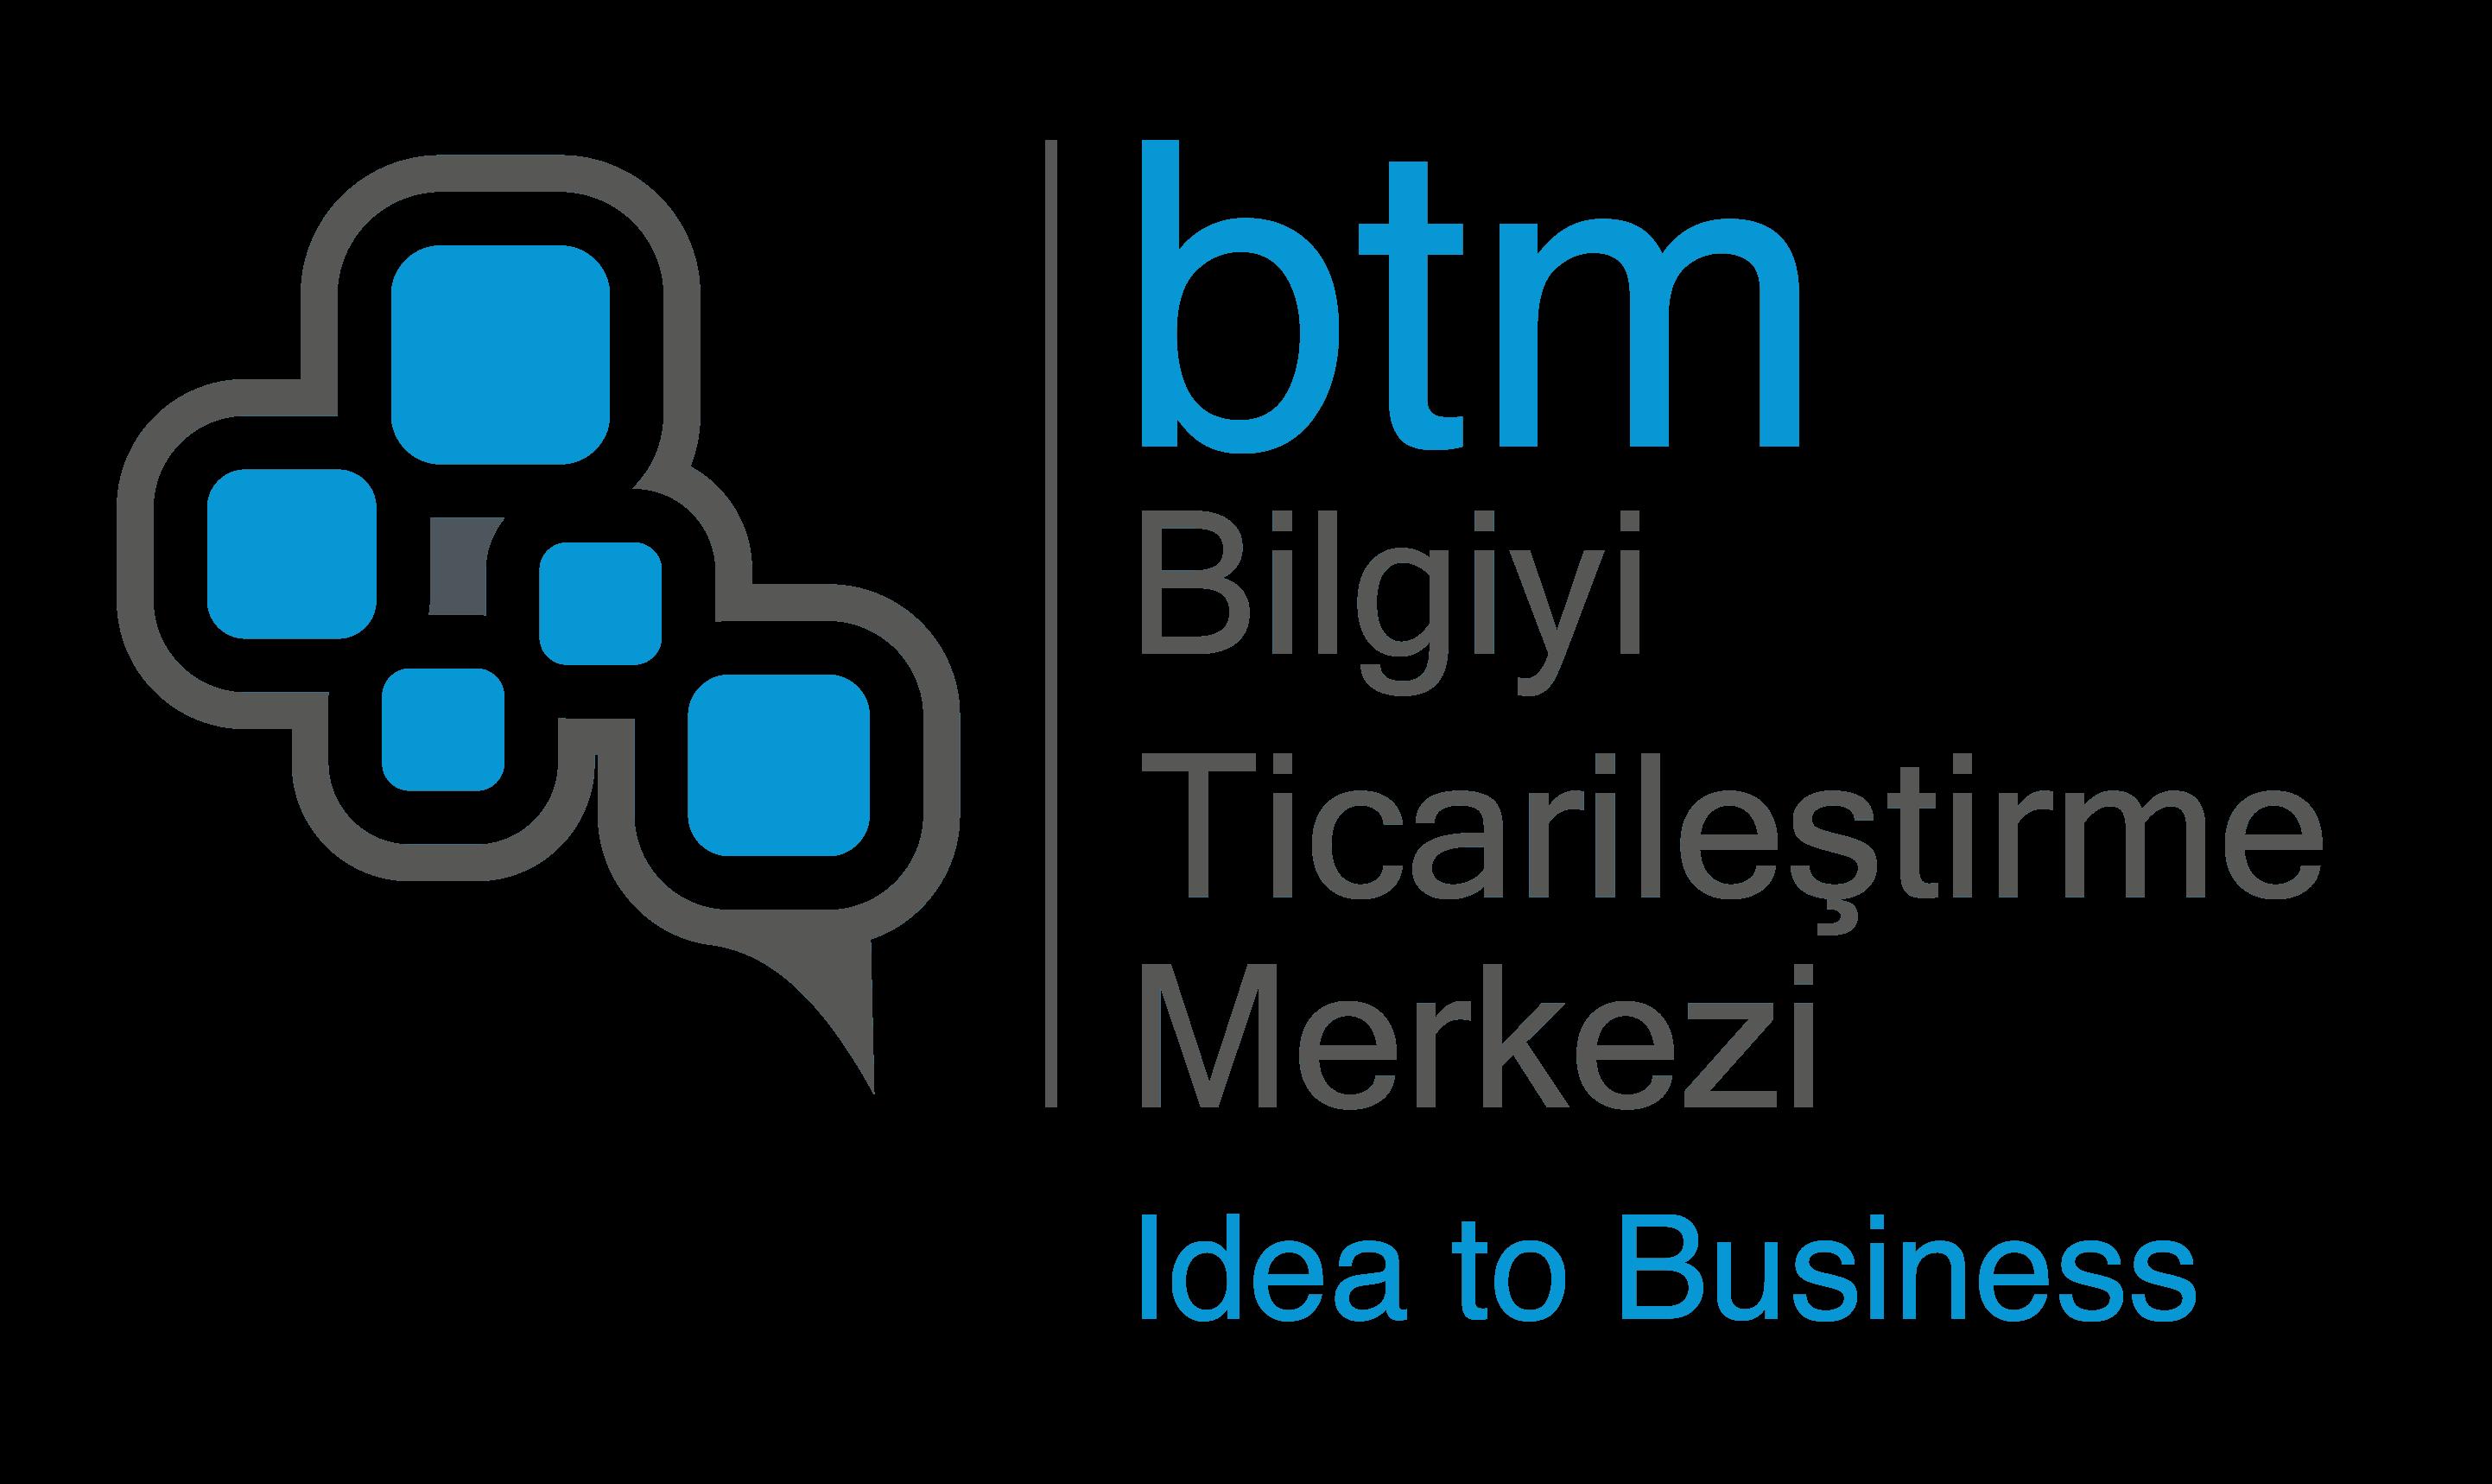 İstanbul Ticaret Odası Bilgiyi Ticarileştirme Merkezi